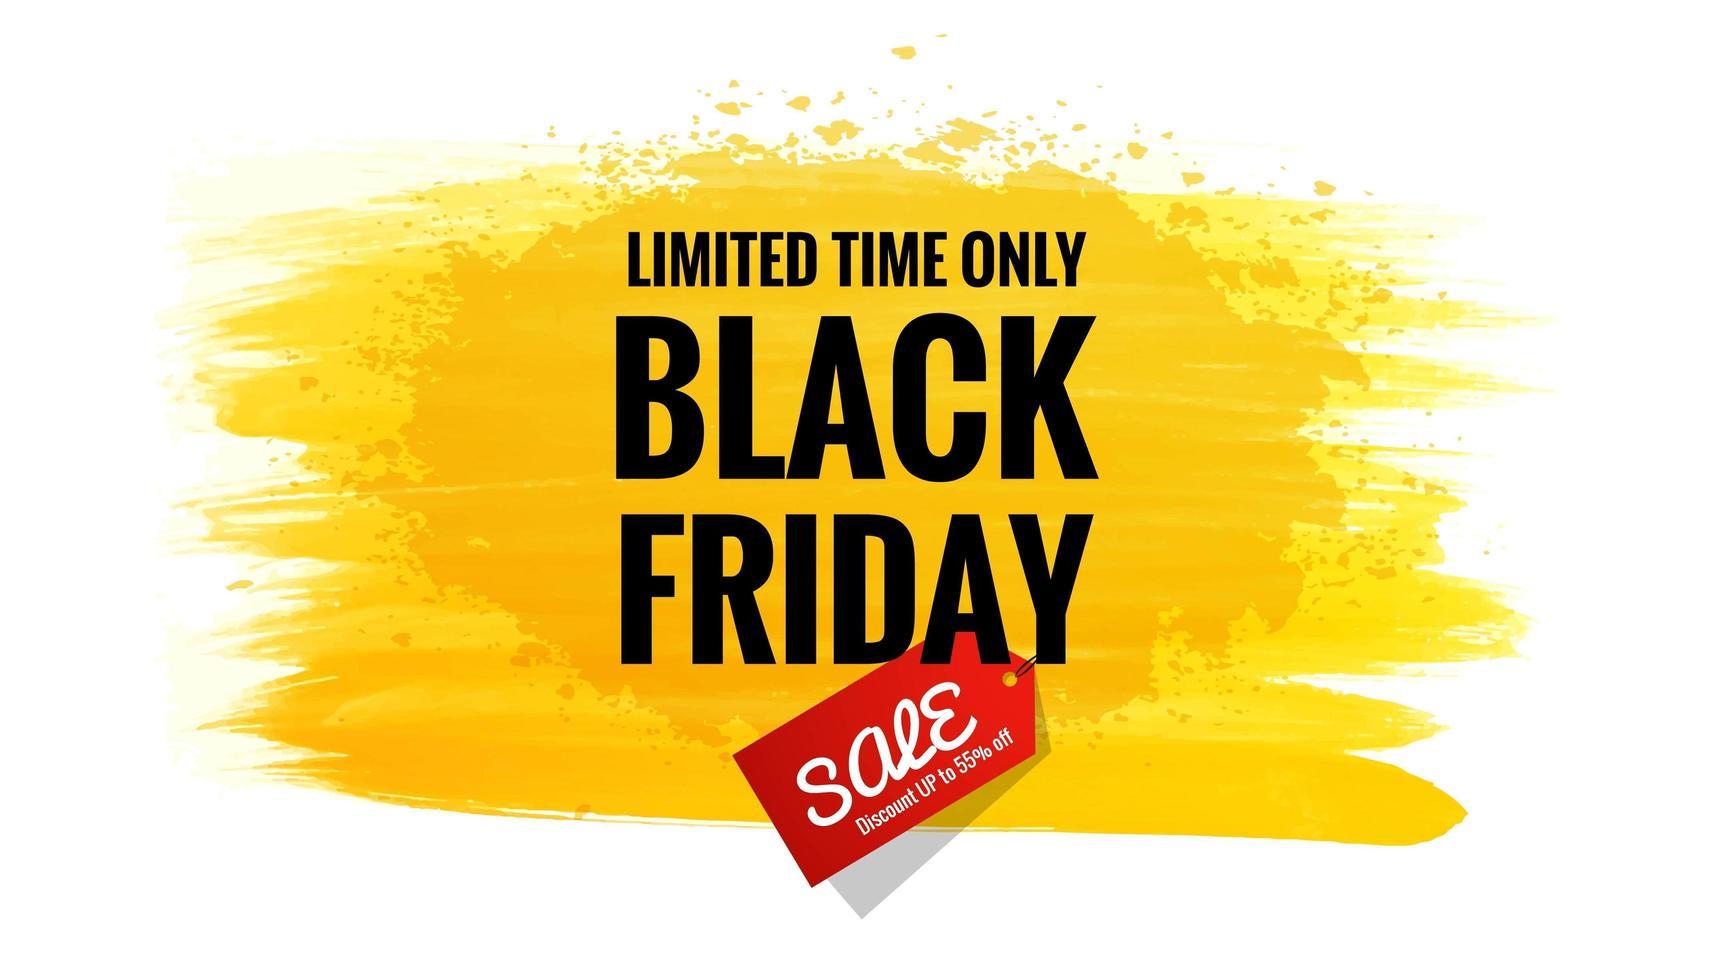 zwarte vrijdag platte verkoop aanbieding banner achtergrond vector